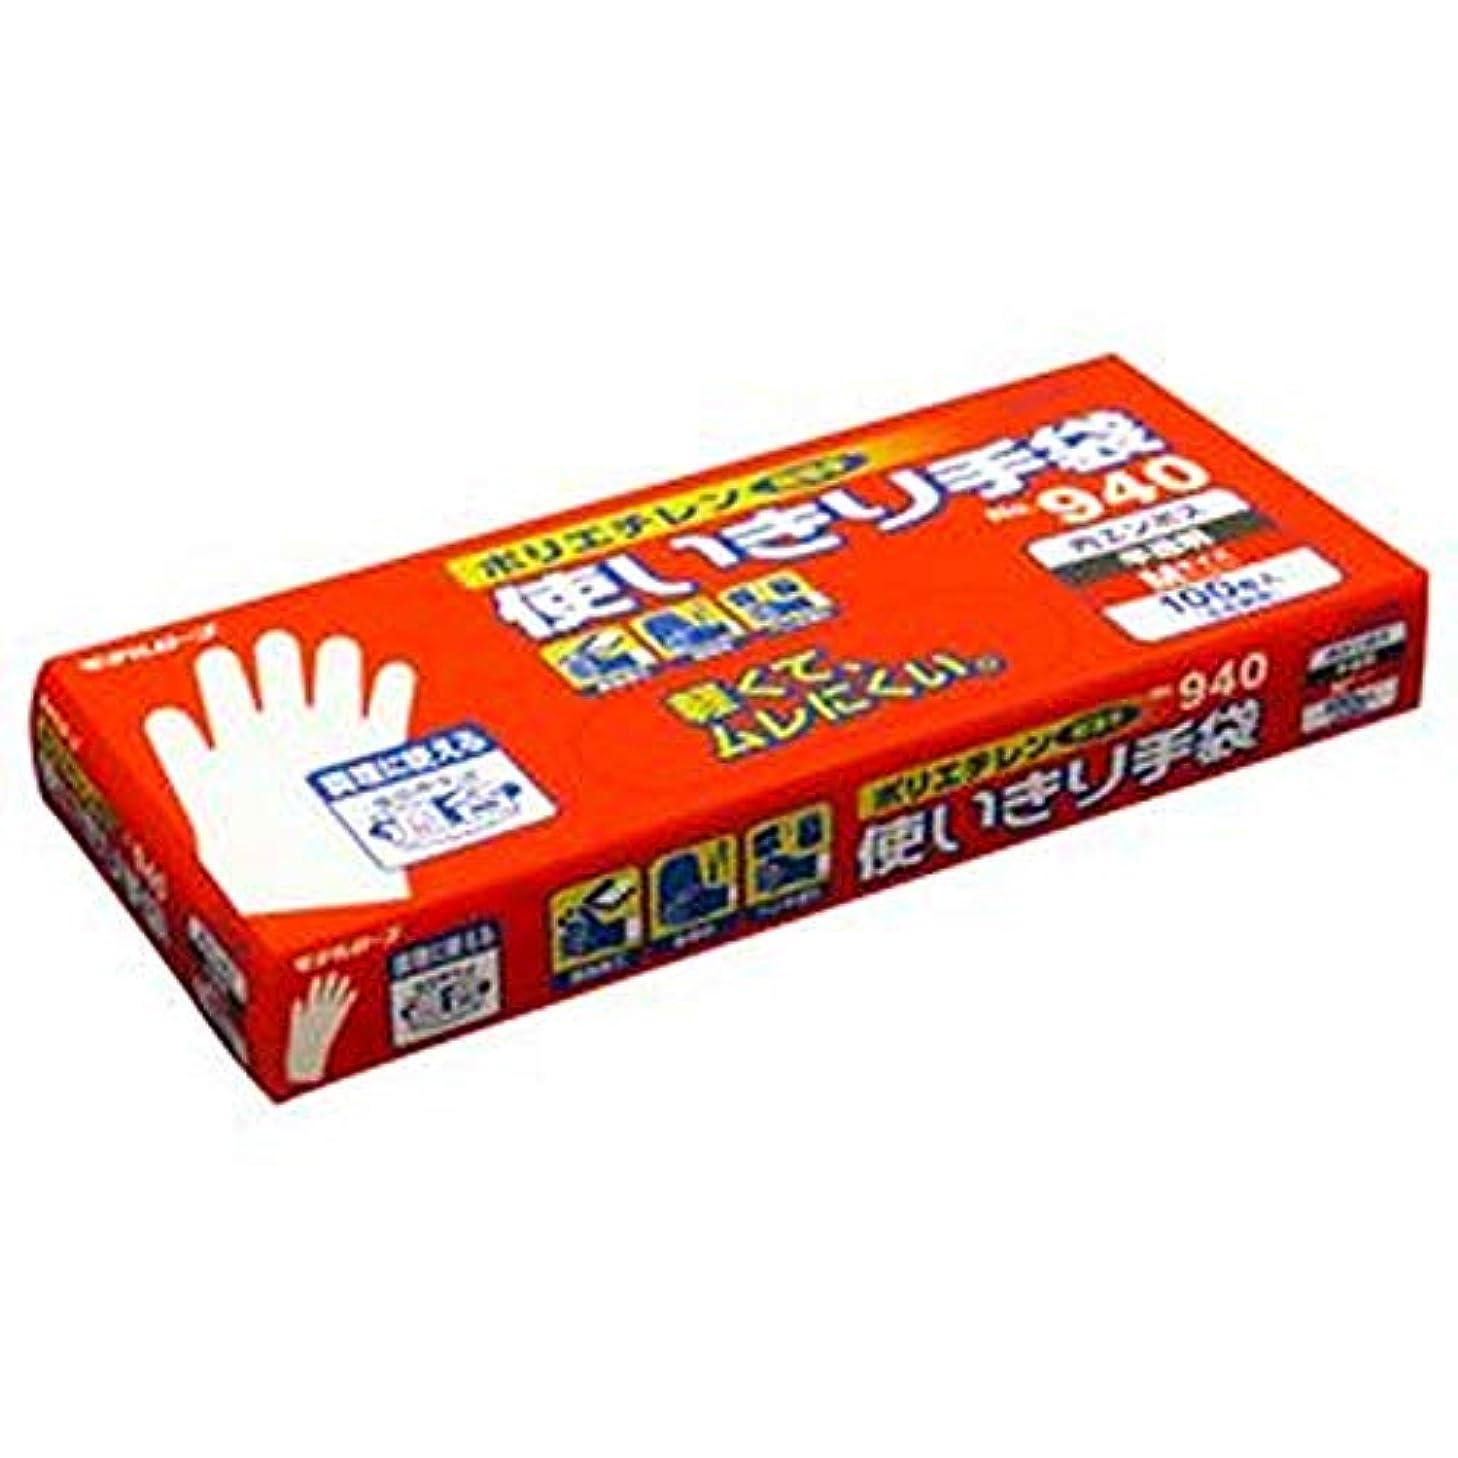 レジデンス年齢健全- まとめ - / エステー/No.940 / ポリエチレン使いきり手袋 - 内エンボス - / M / 1箱 - 100枚 - / - ×10セット -